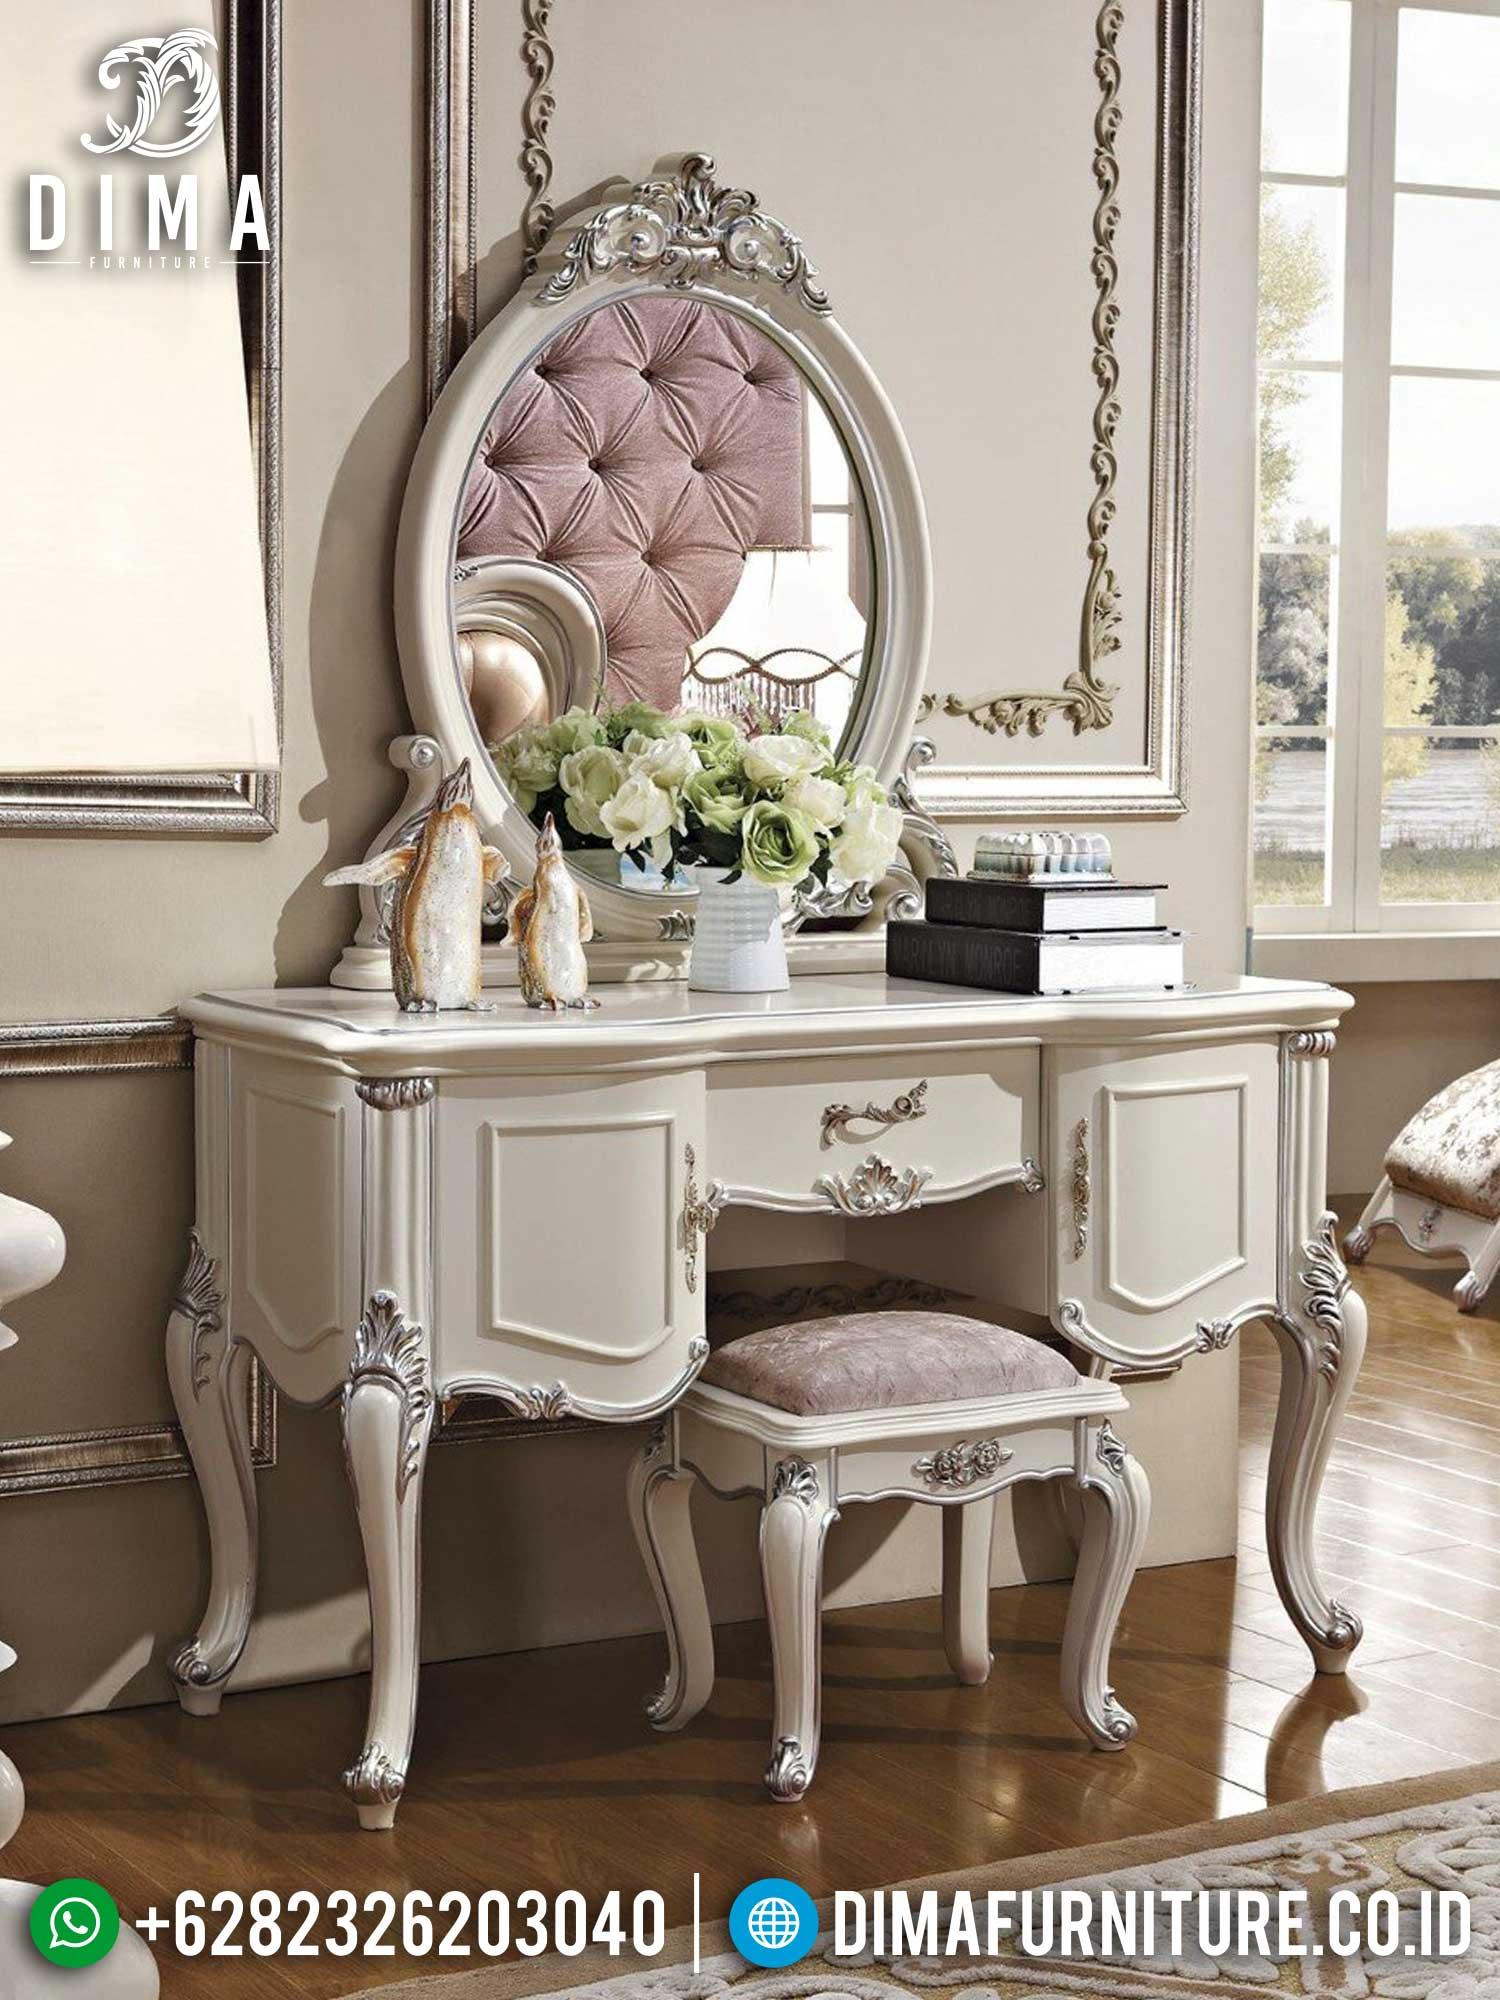 Meja Rias Putih Mewah Luxury Carving Jepara Harga Terjangkau Berkualitas TTJ-1418